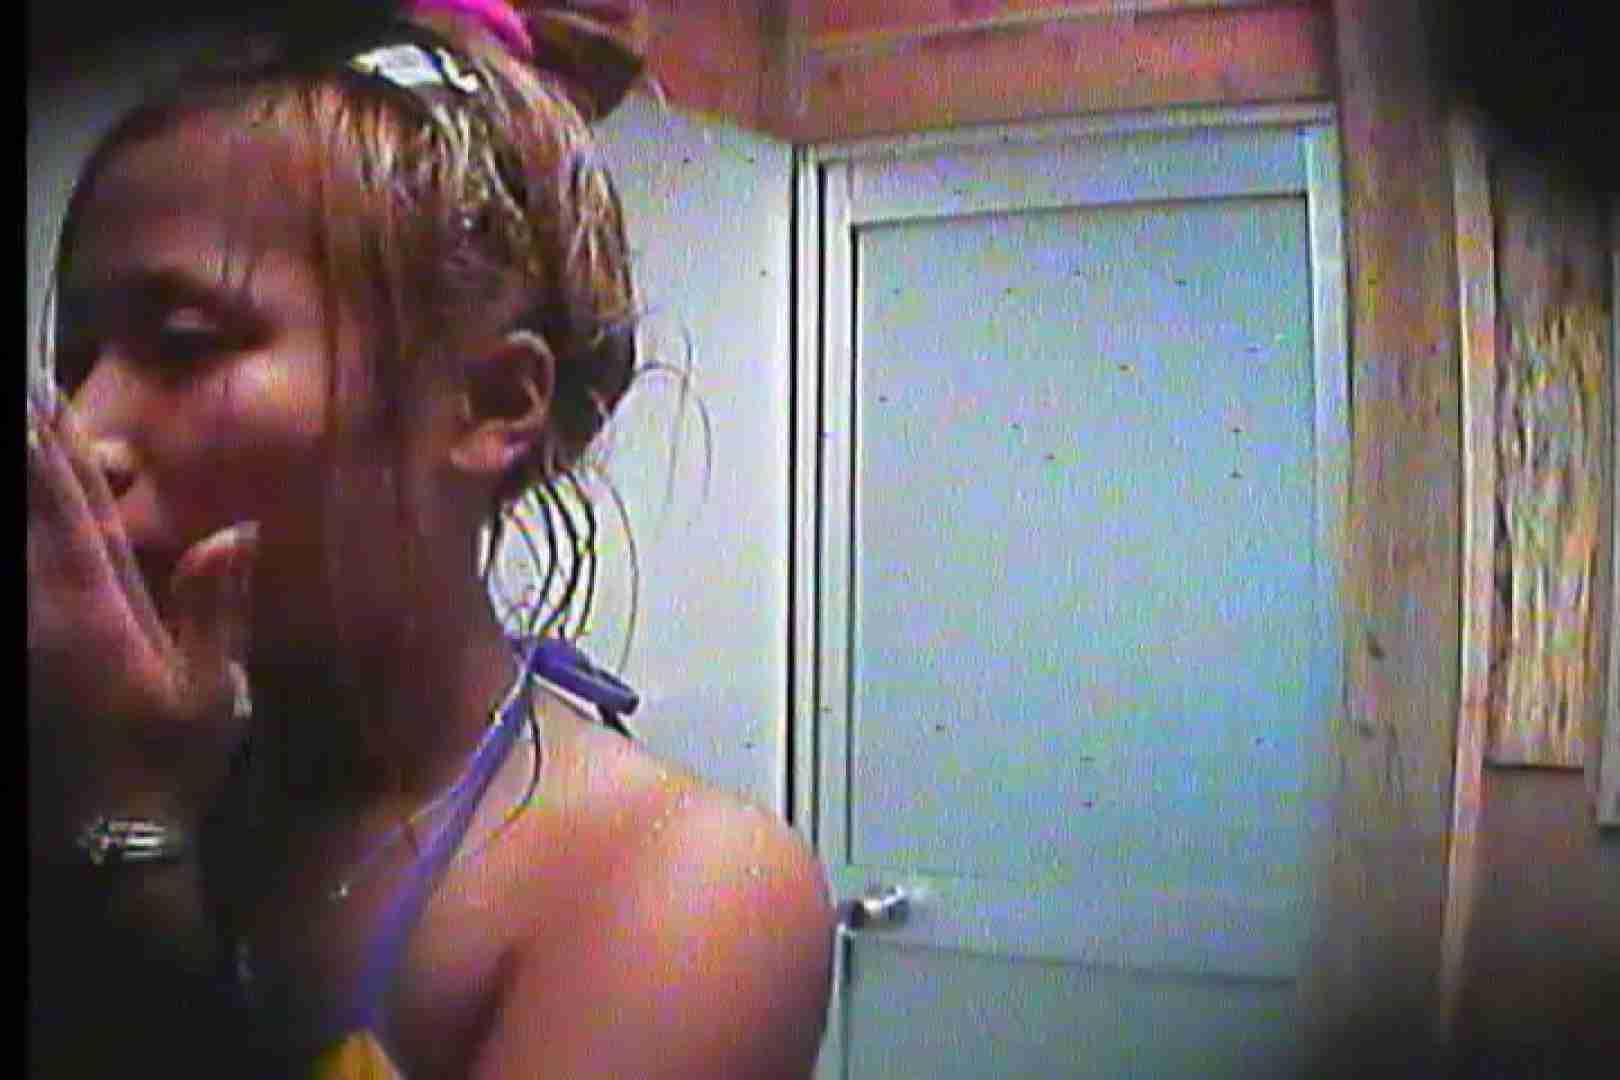 海の家の更衣室 Vol.20 OL | シャワー中  54連発 35